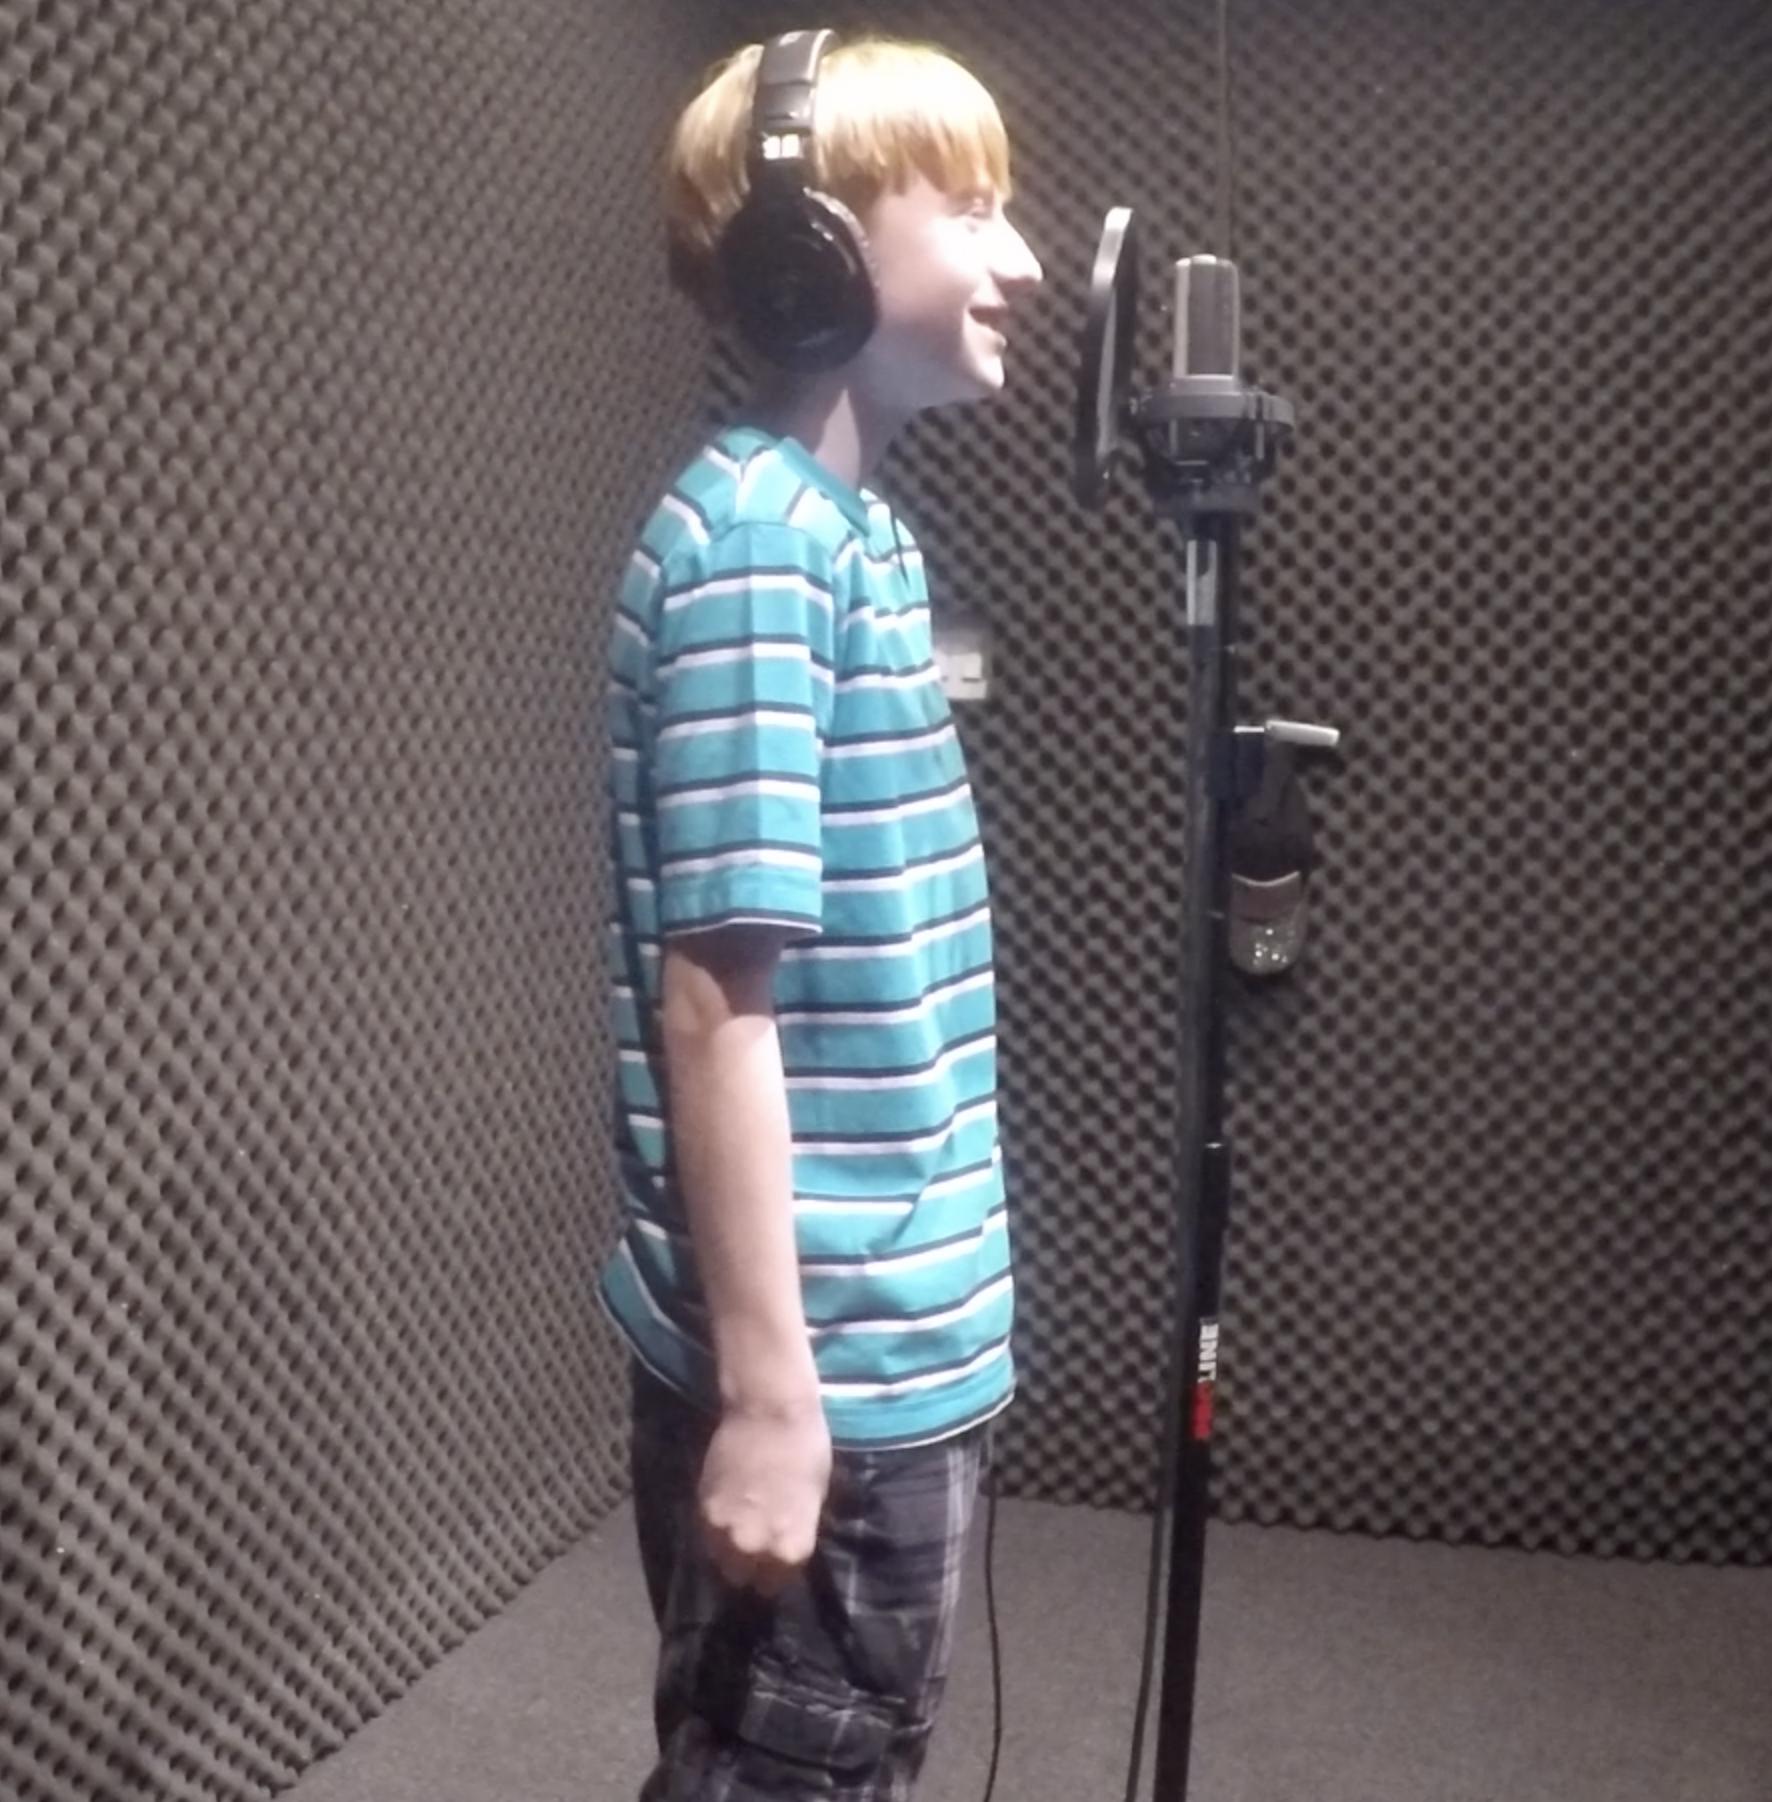 Ashtons sings